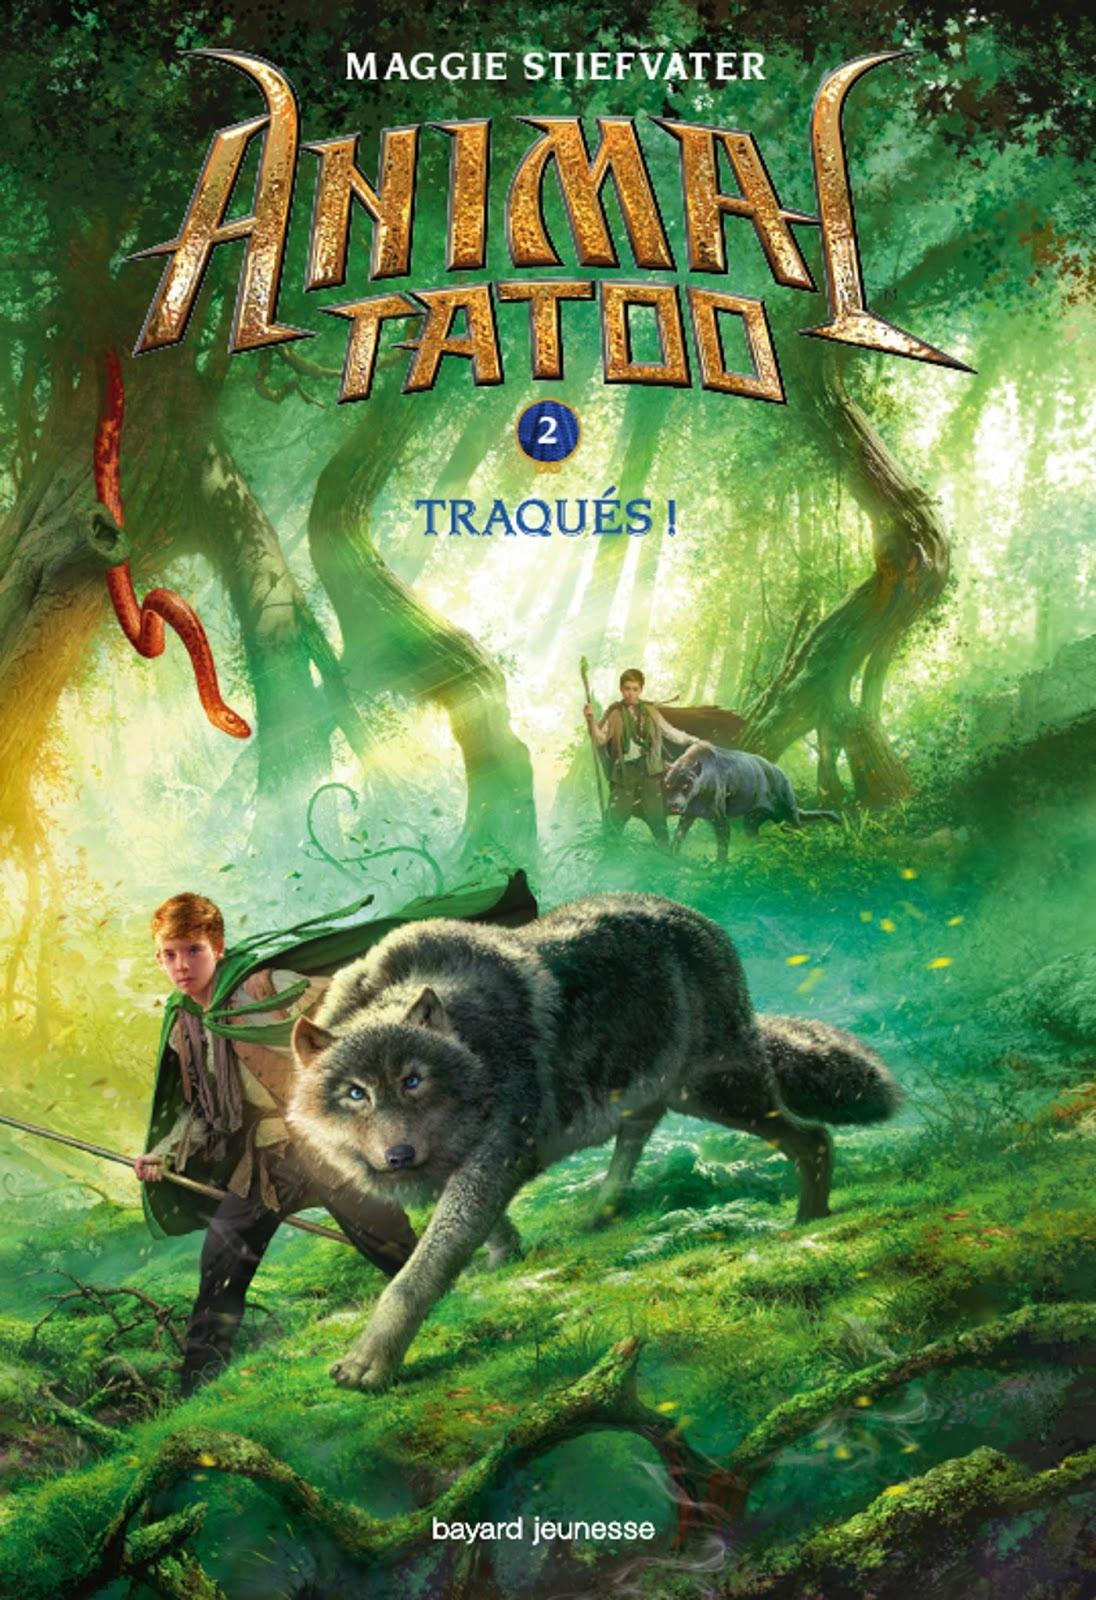 livres et lumi u00e8re  animal tatoo  tome 2   traqu u00e9s